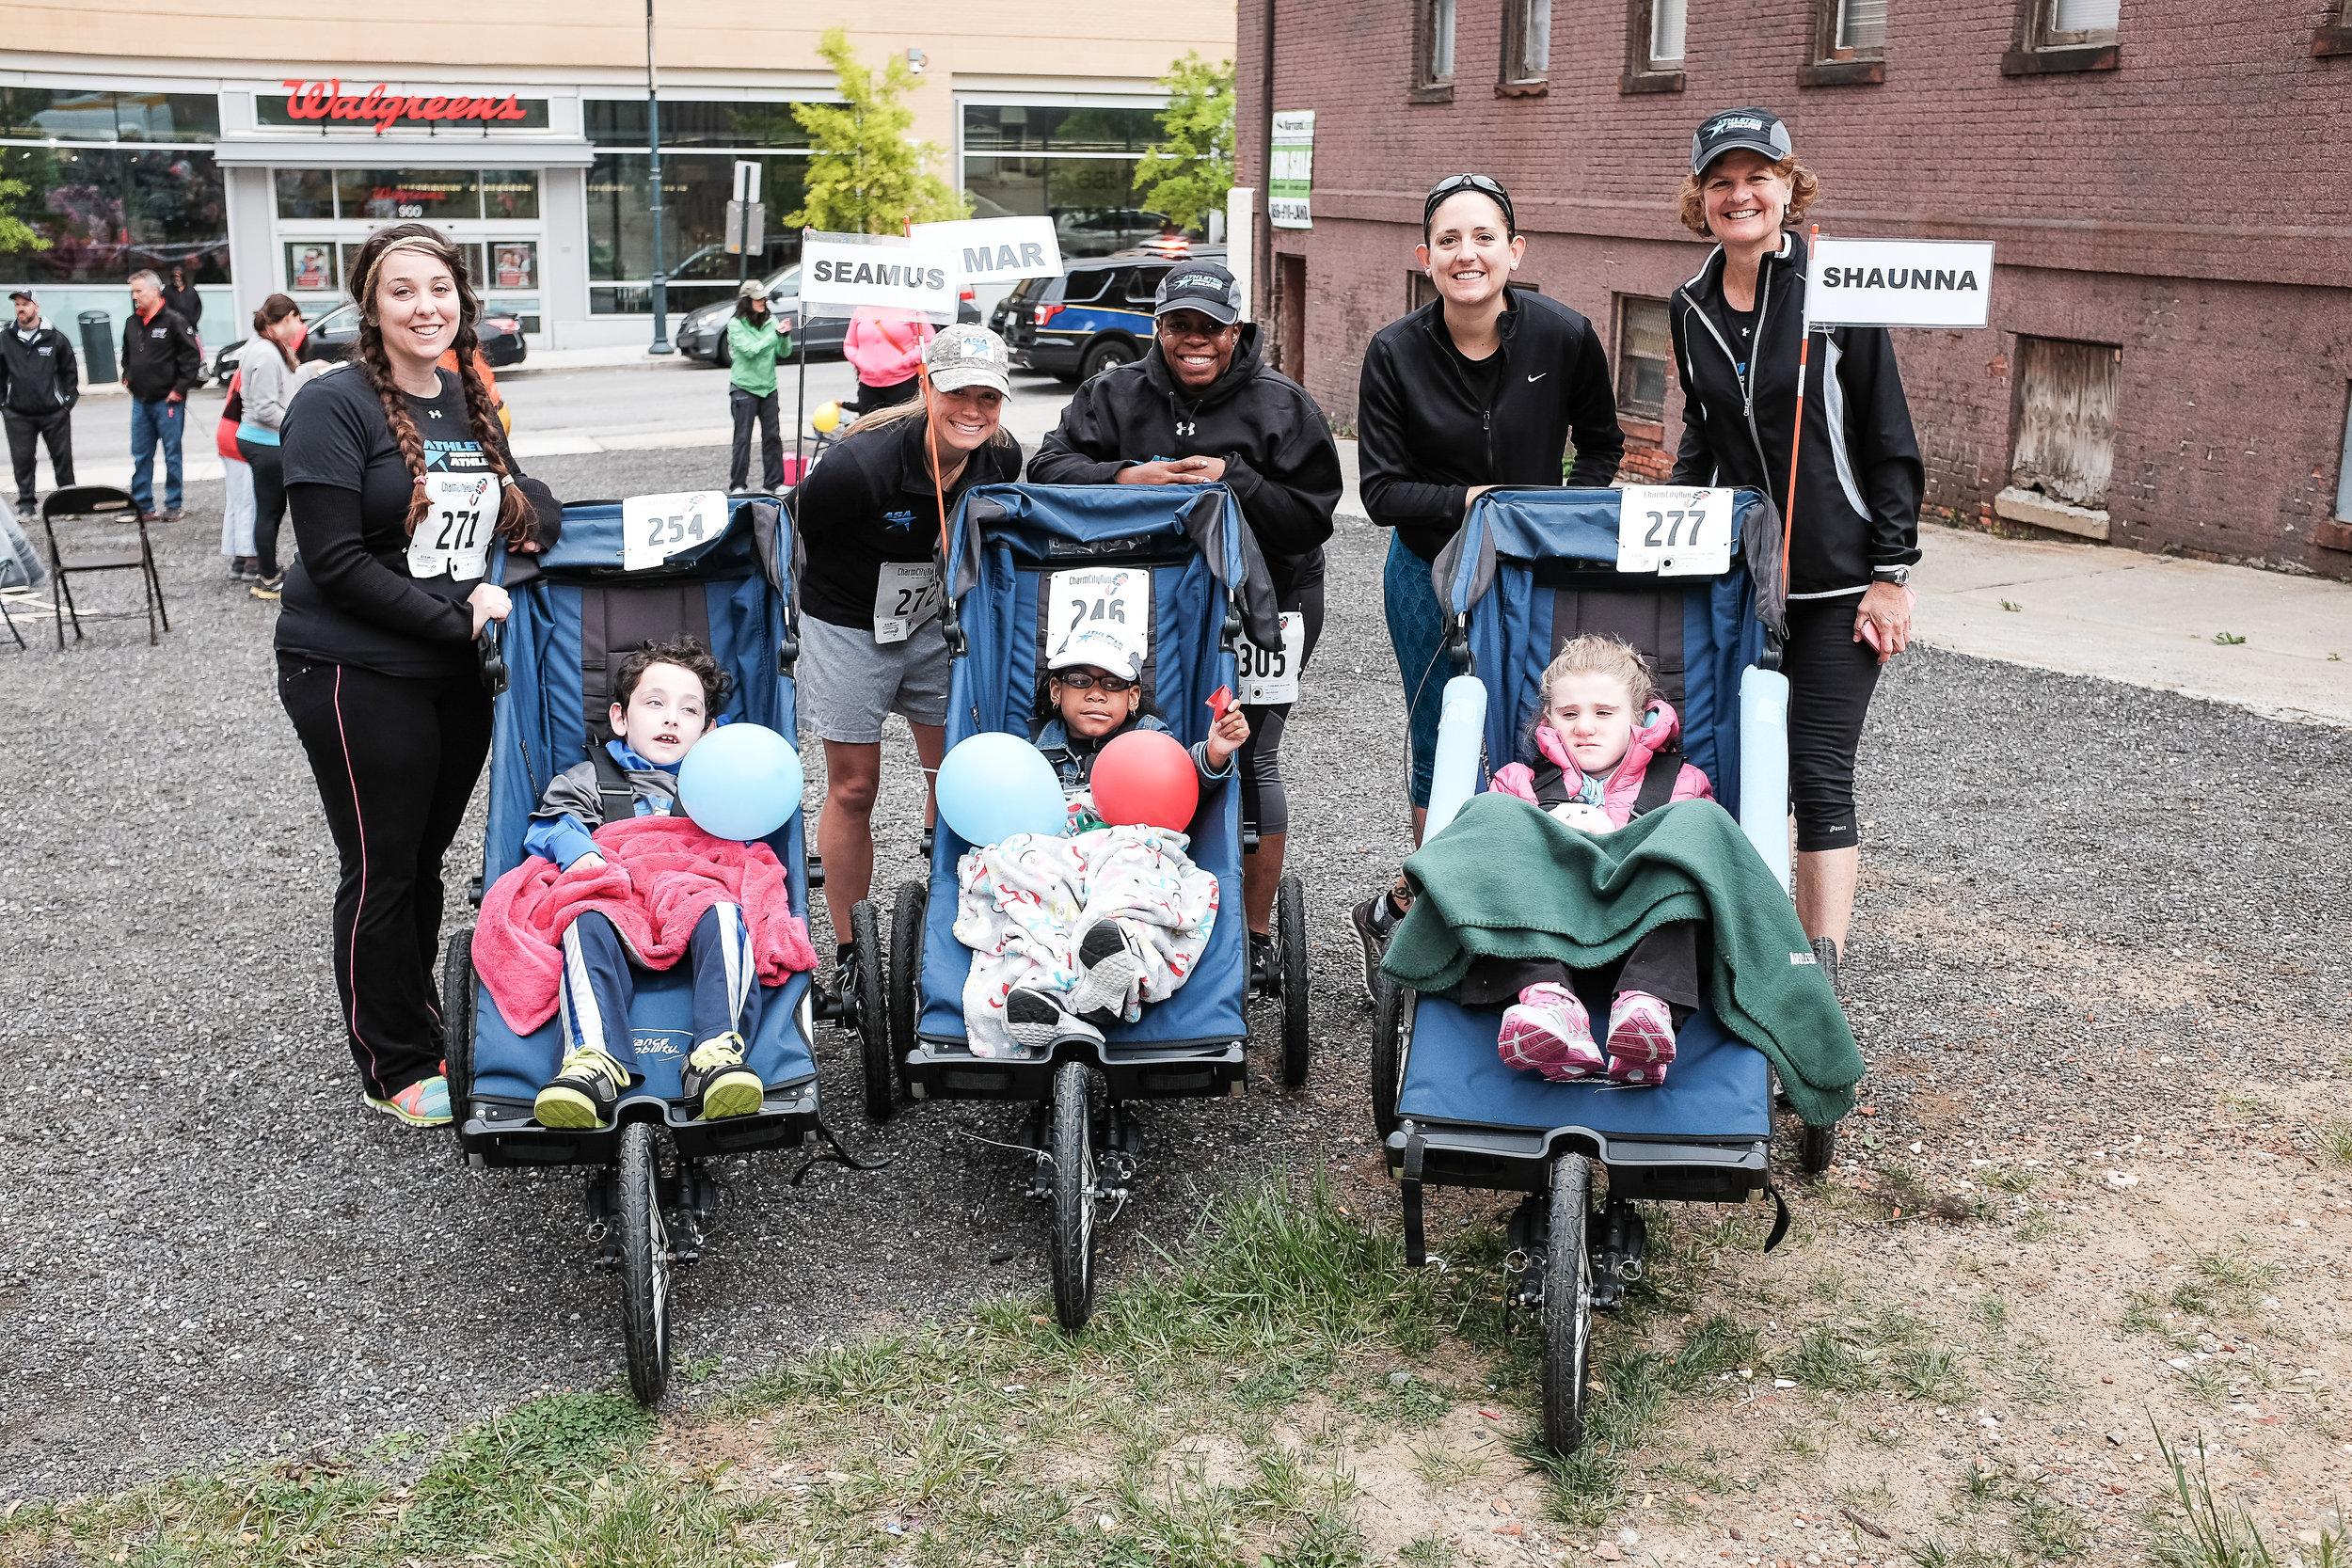 strollers.jpg